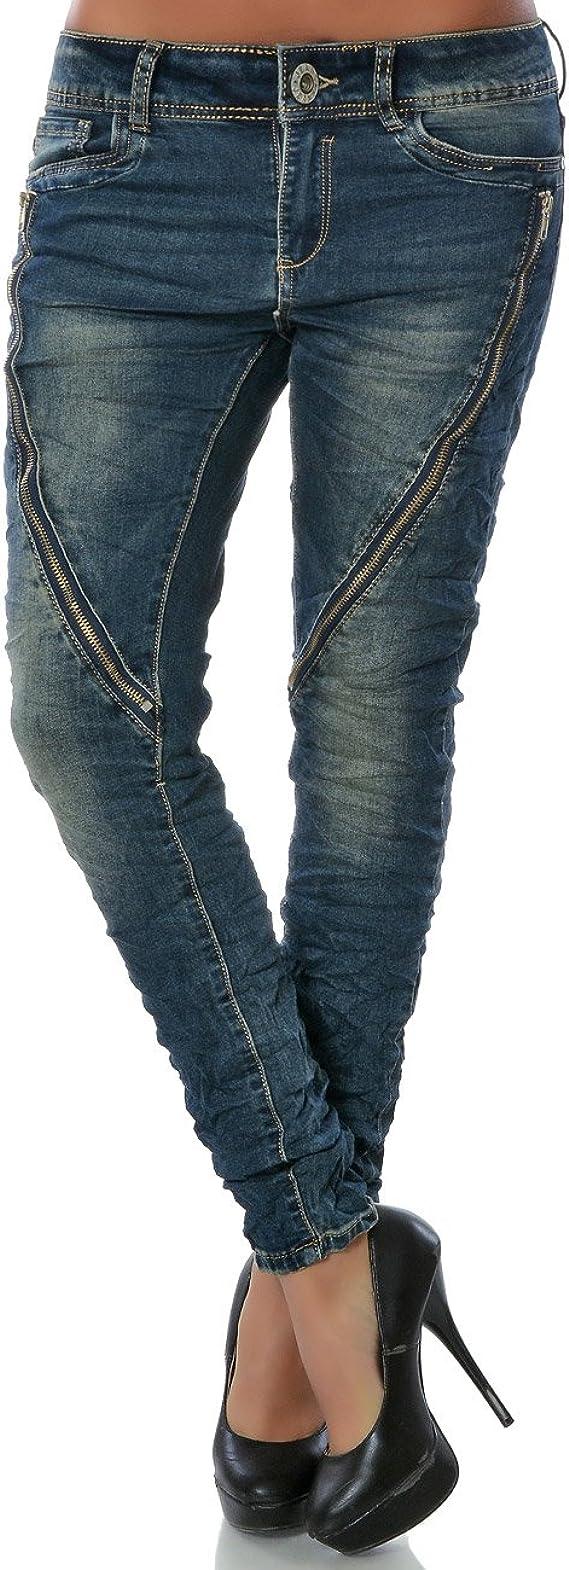 Damen Boyfriend Jeans Hüftjeans Harem Hose Haremshose 6 Farben 325